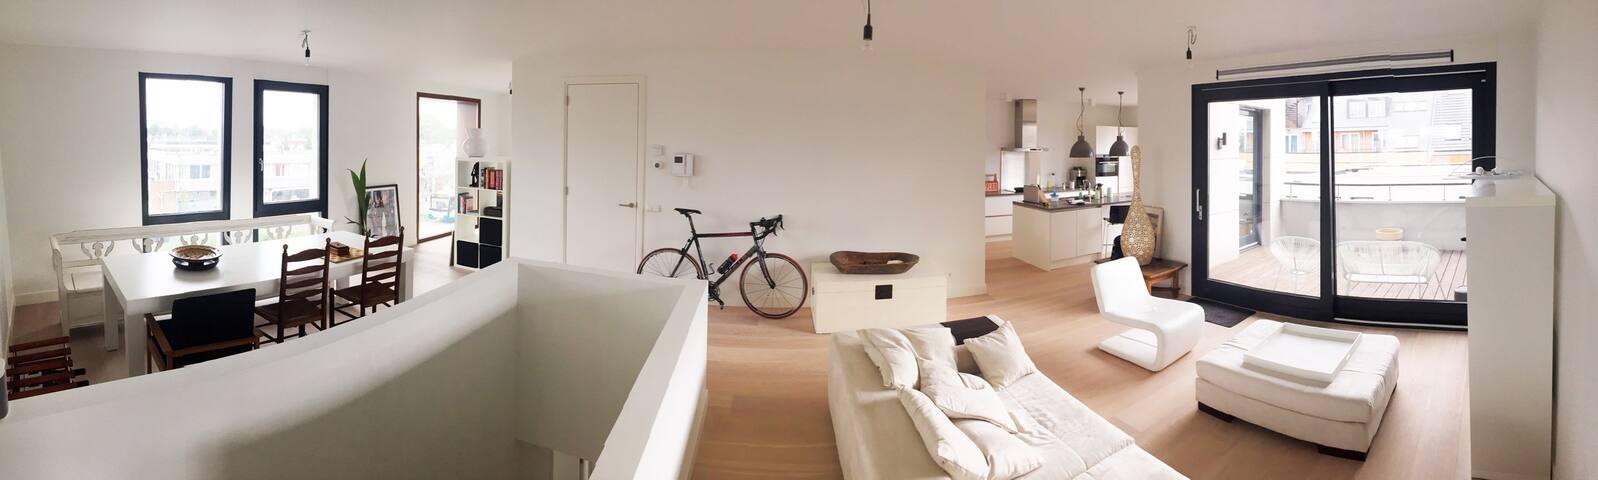 Brand new 120m2 designer apartment